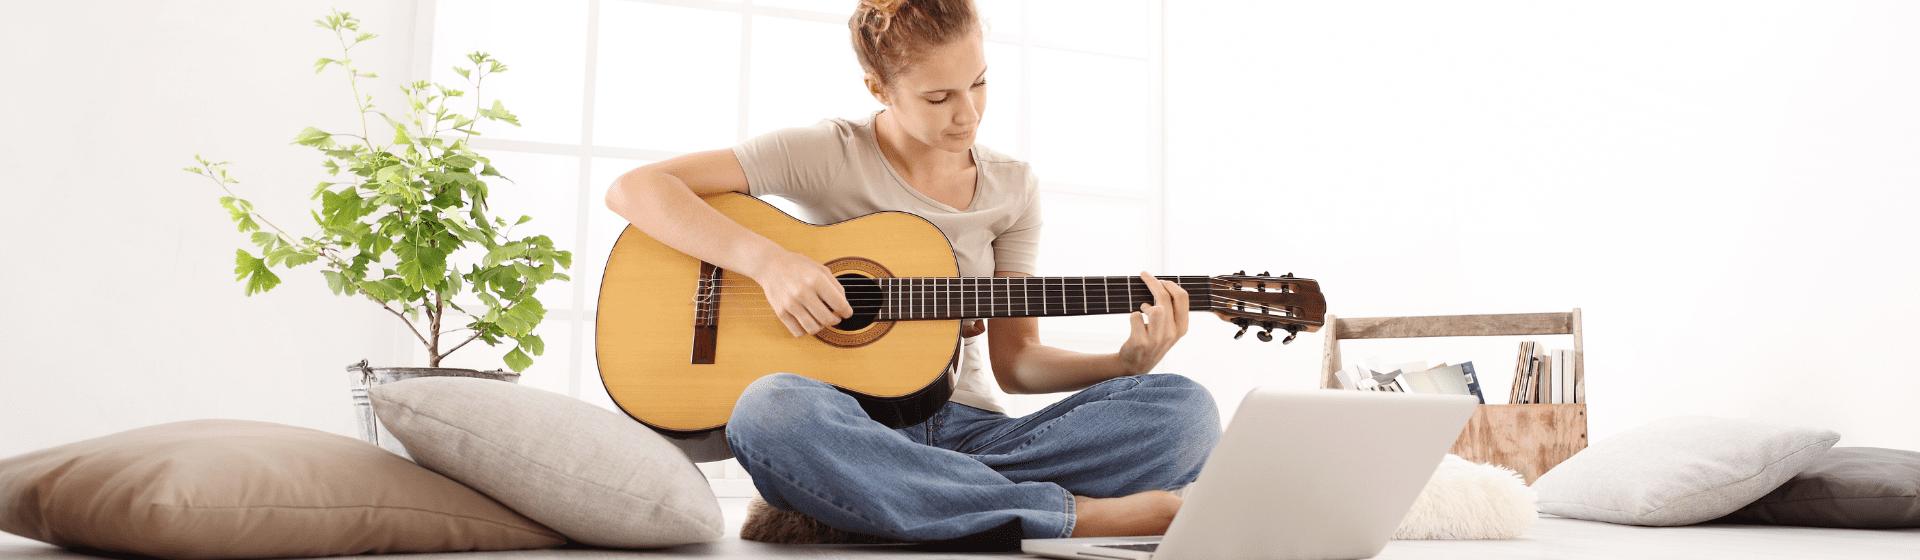 Melhor violão para iniciantes de 2021: 8 modelos para comprar